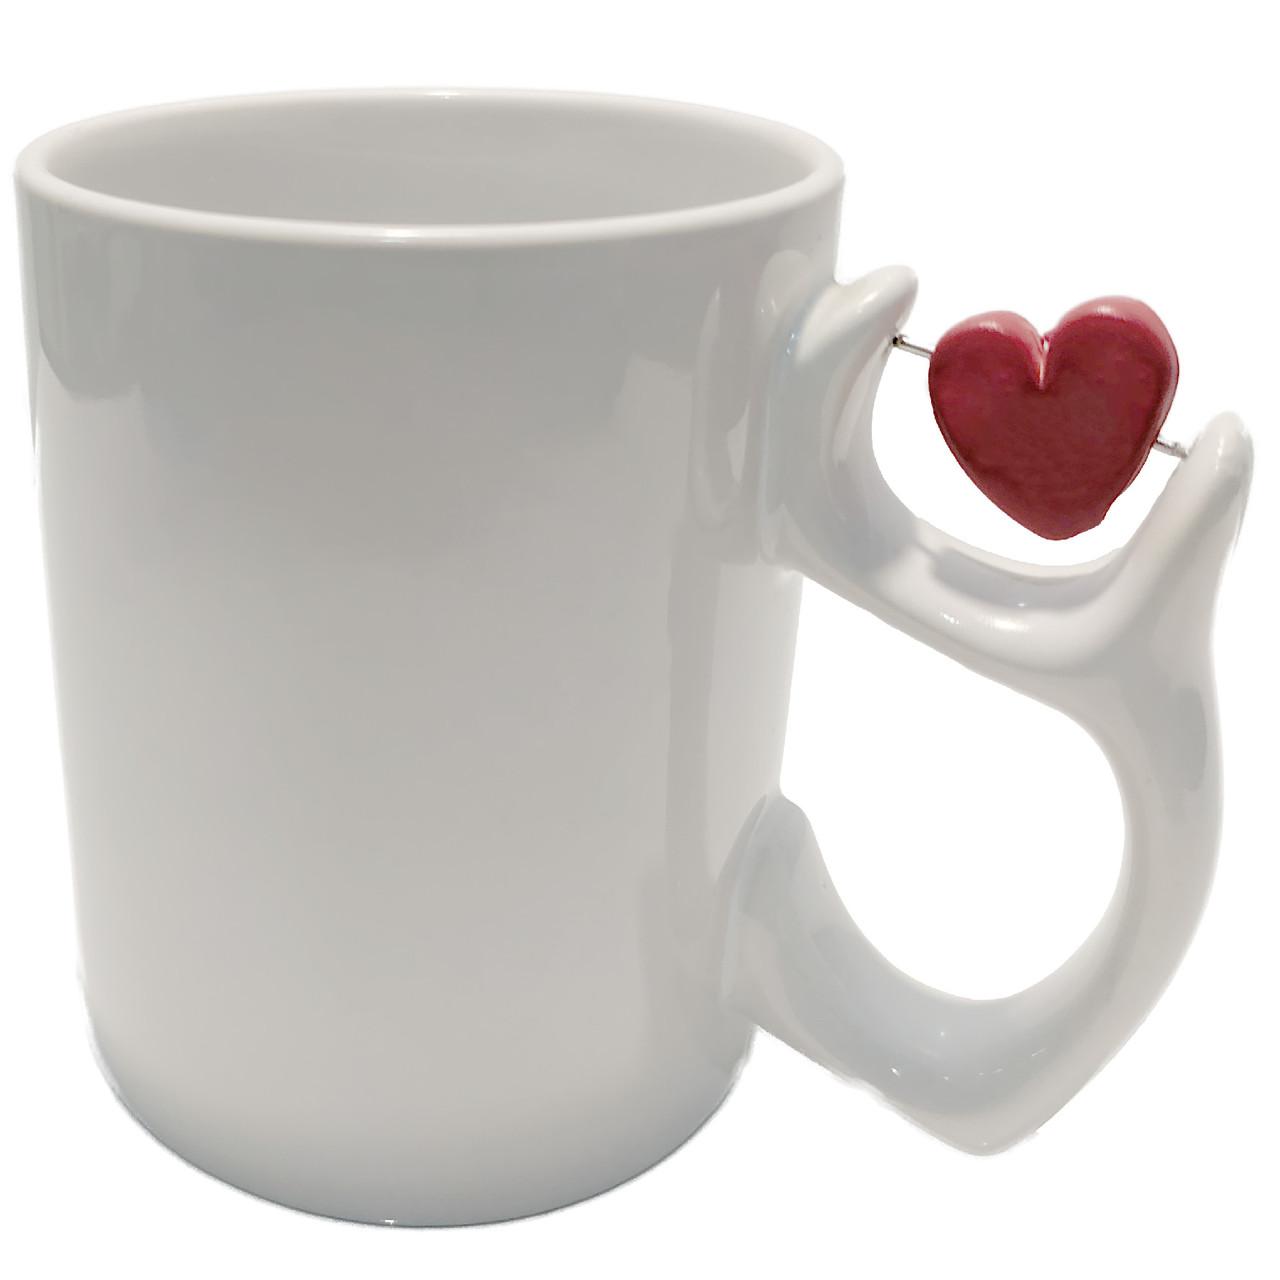 Чашка белая для сублимации с сердечком 330 мл